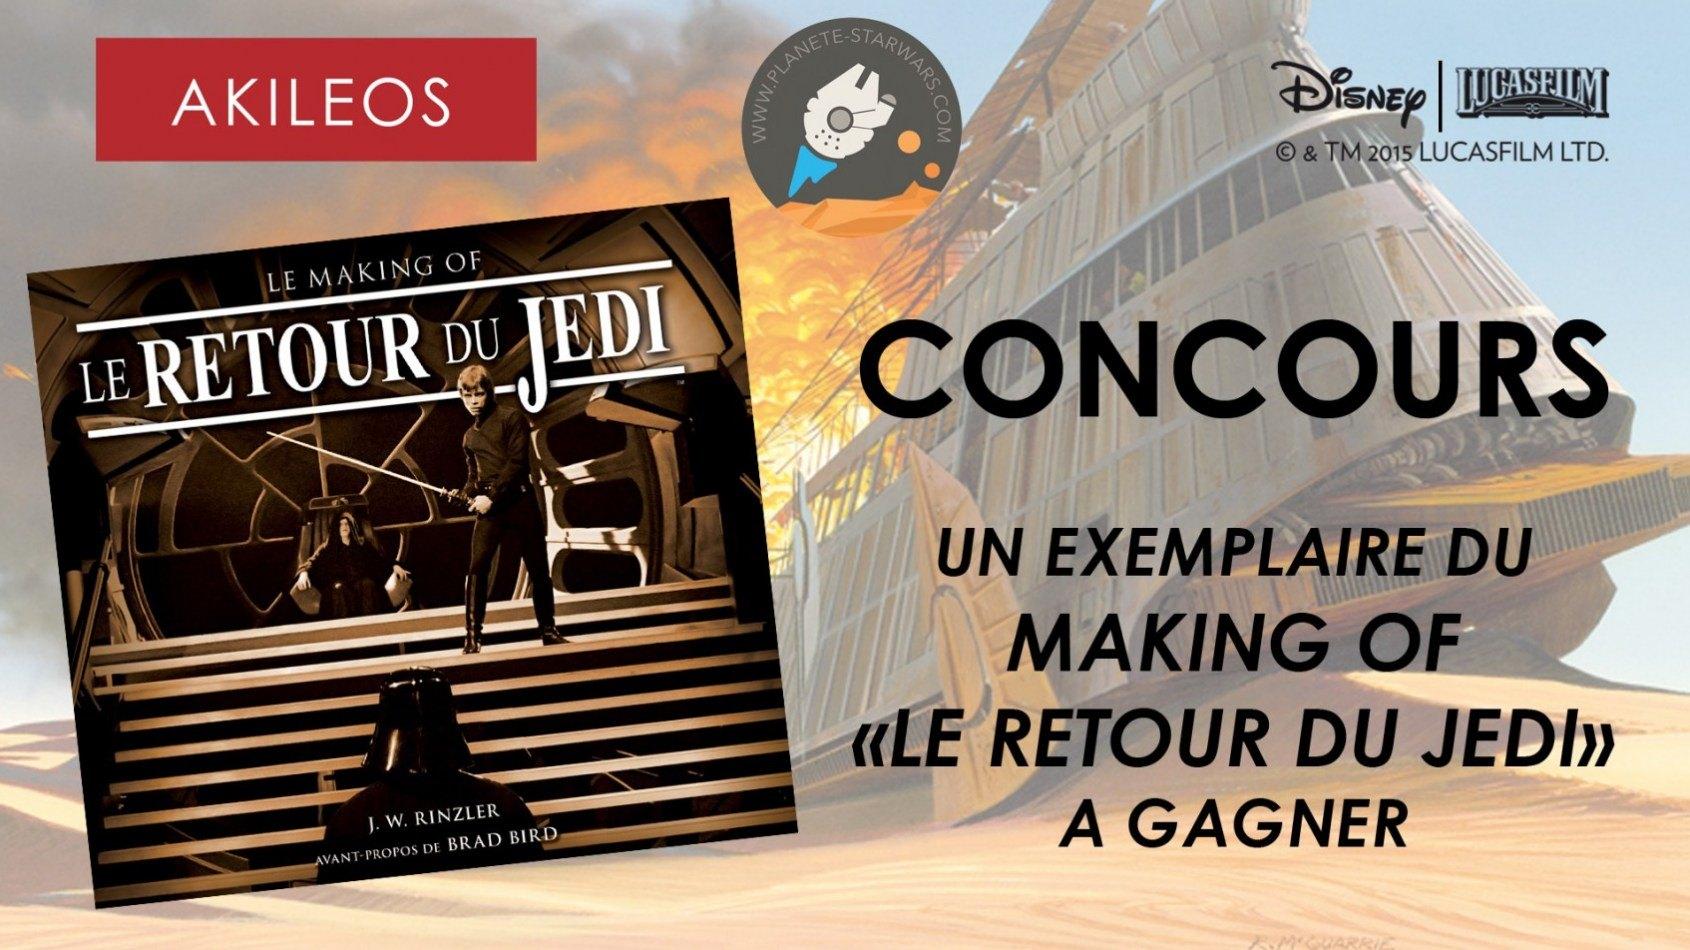 Concours : Gagnez Le Making of Le Retour du Jedi, d'Akileos